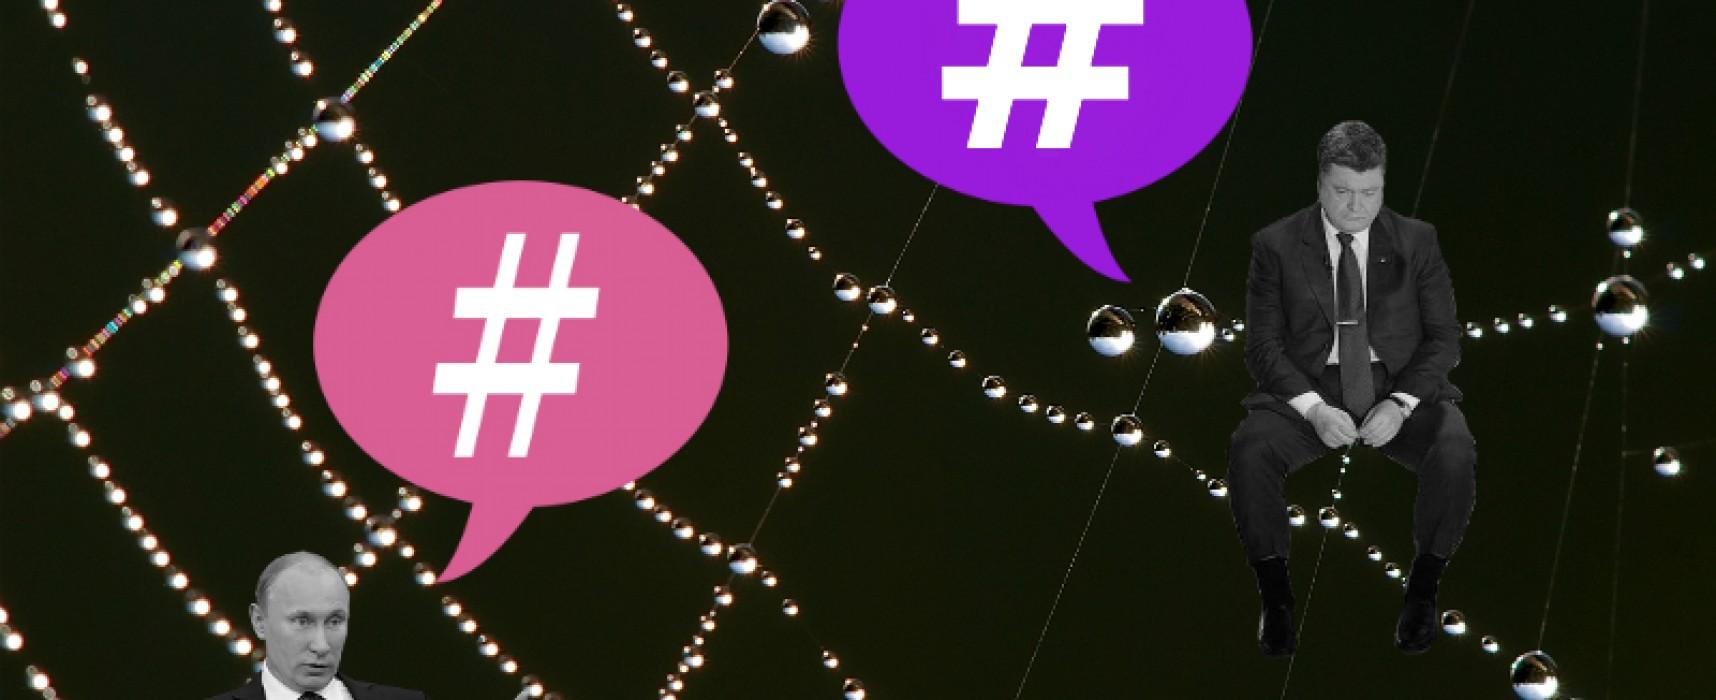 Hashtags and User Networks in the Putin-Poroshenko Twitter Chatter